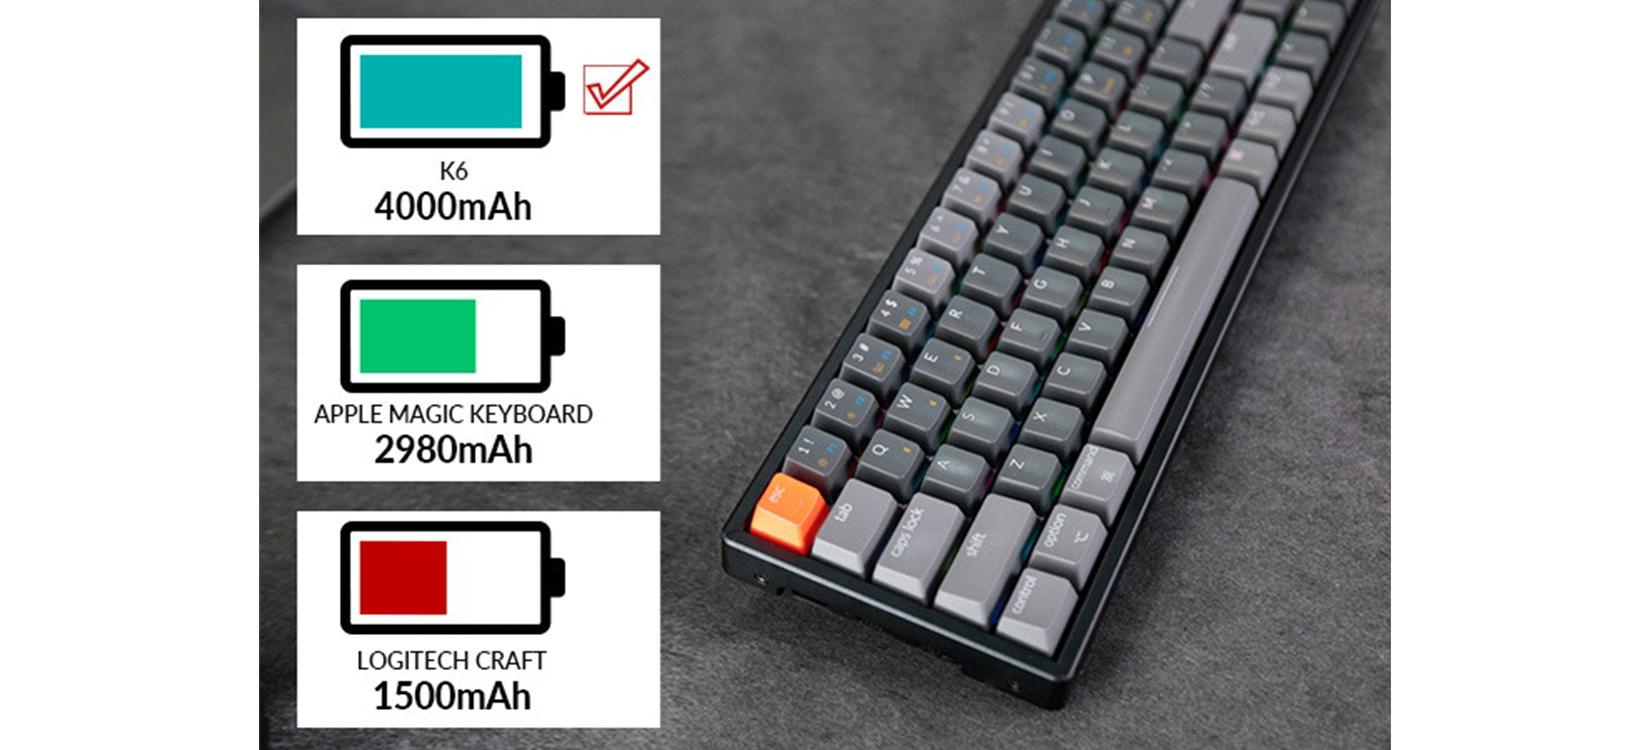 Bàn phím cơ Keychron K6 O2 (Gateron Blue switch/nhựa/đơn led) có dung lượng pin lớn